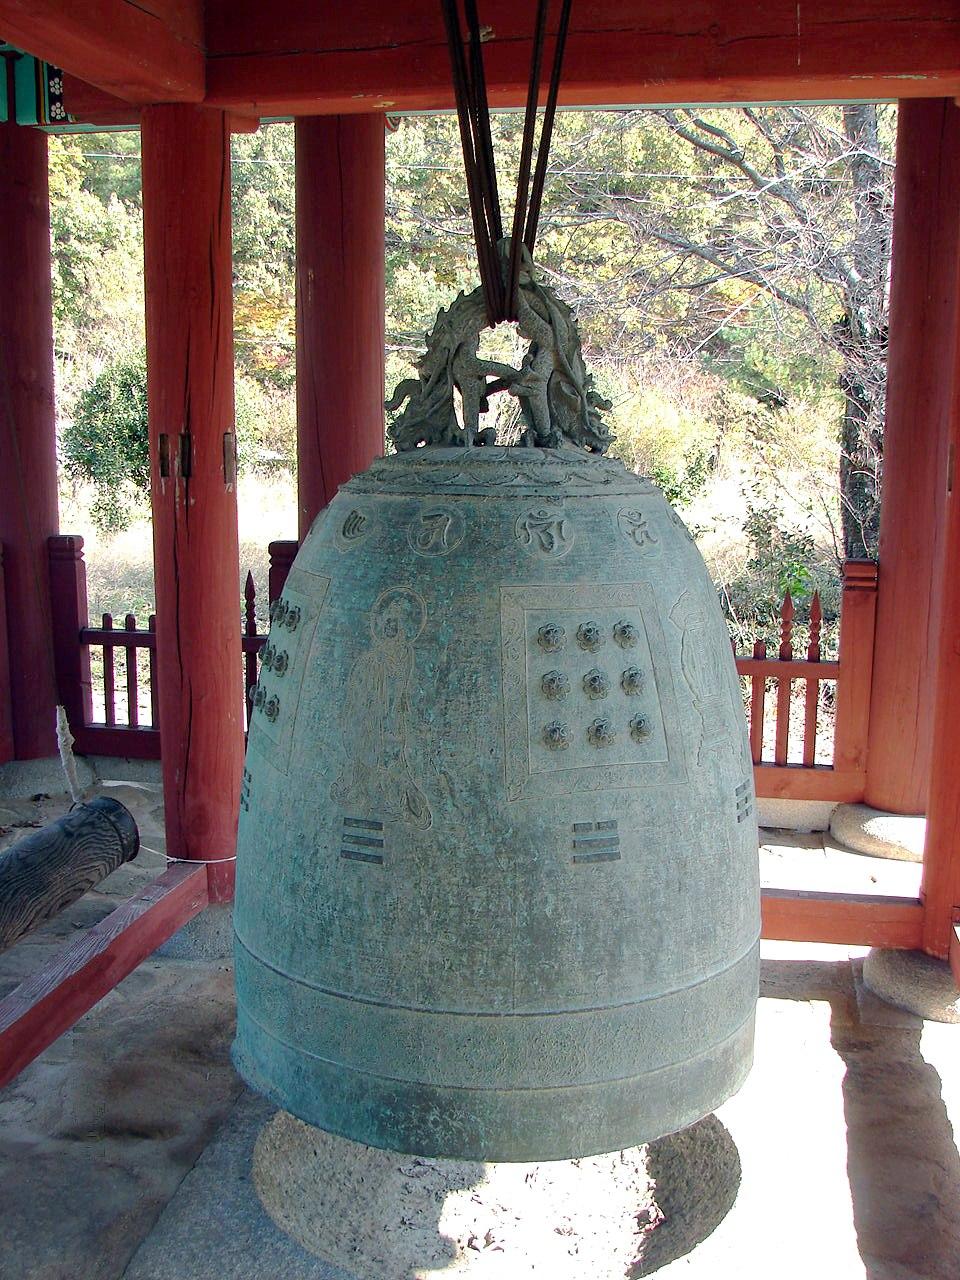 South Korea-Goheunggun-Neunggasa 5836-07 bronze bell